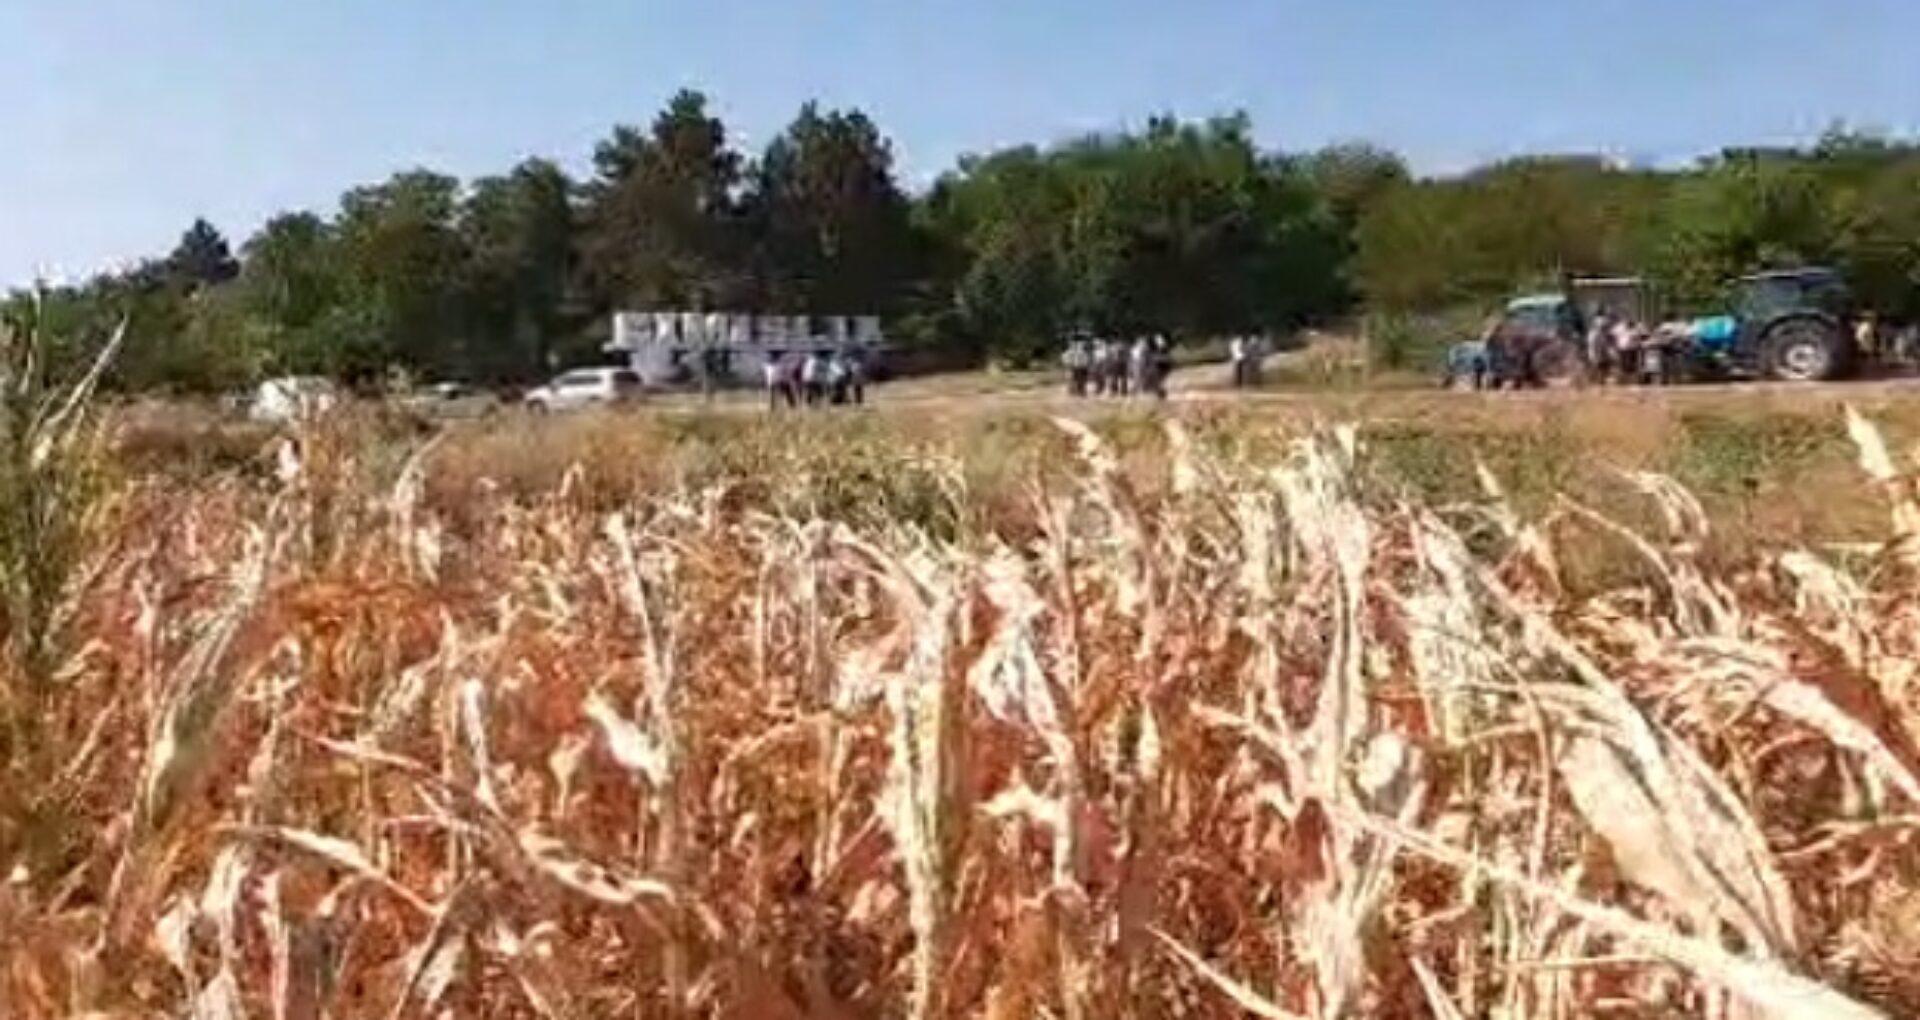 """Video/ Protest al agricultorilor la Cimișlia. Fermierii și-au adus și utilajele care îi ajută să-și câștige pâinea: """"Vindem și tractoare și tot ca să dăm datoriile"""""""